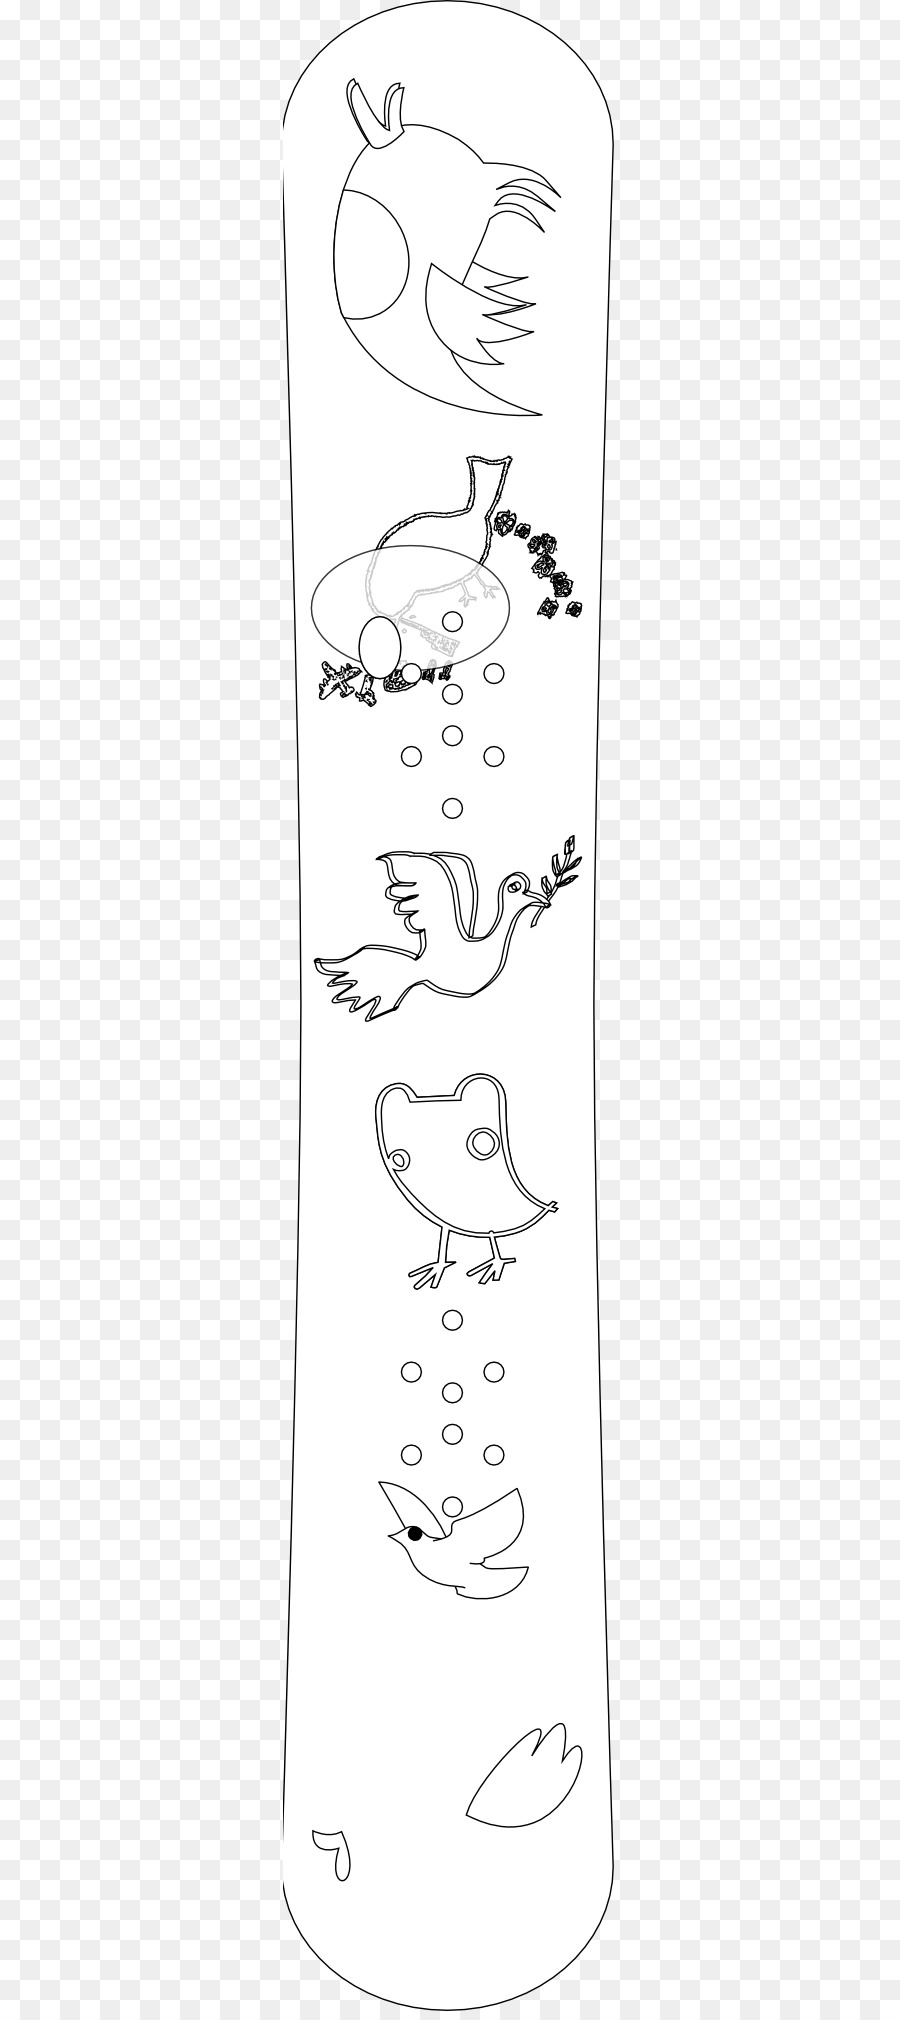 Hat Sanatı Siyah Ve Beyaz Boyama Kitabı Illüstrasyon Güvercin Hat